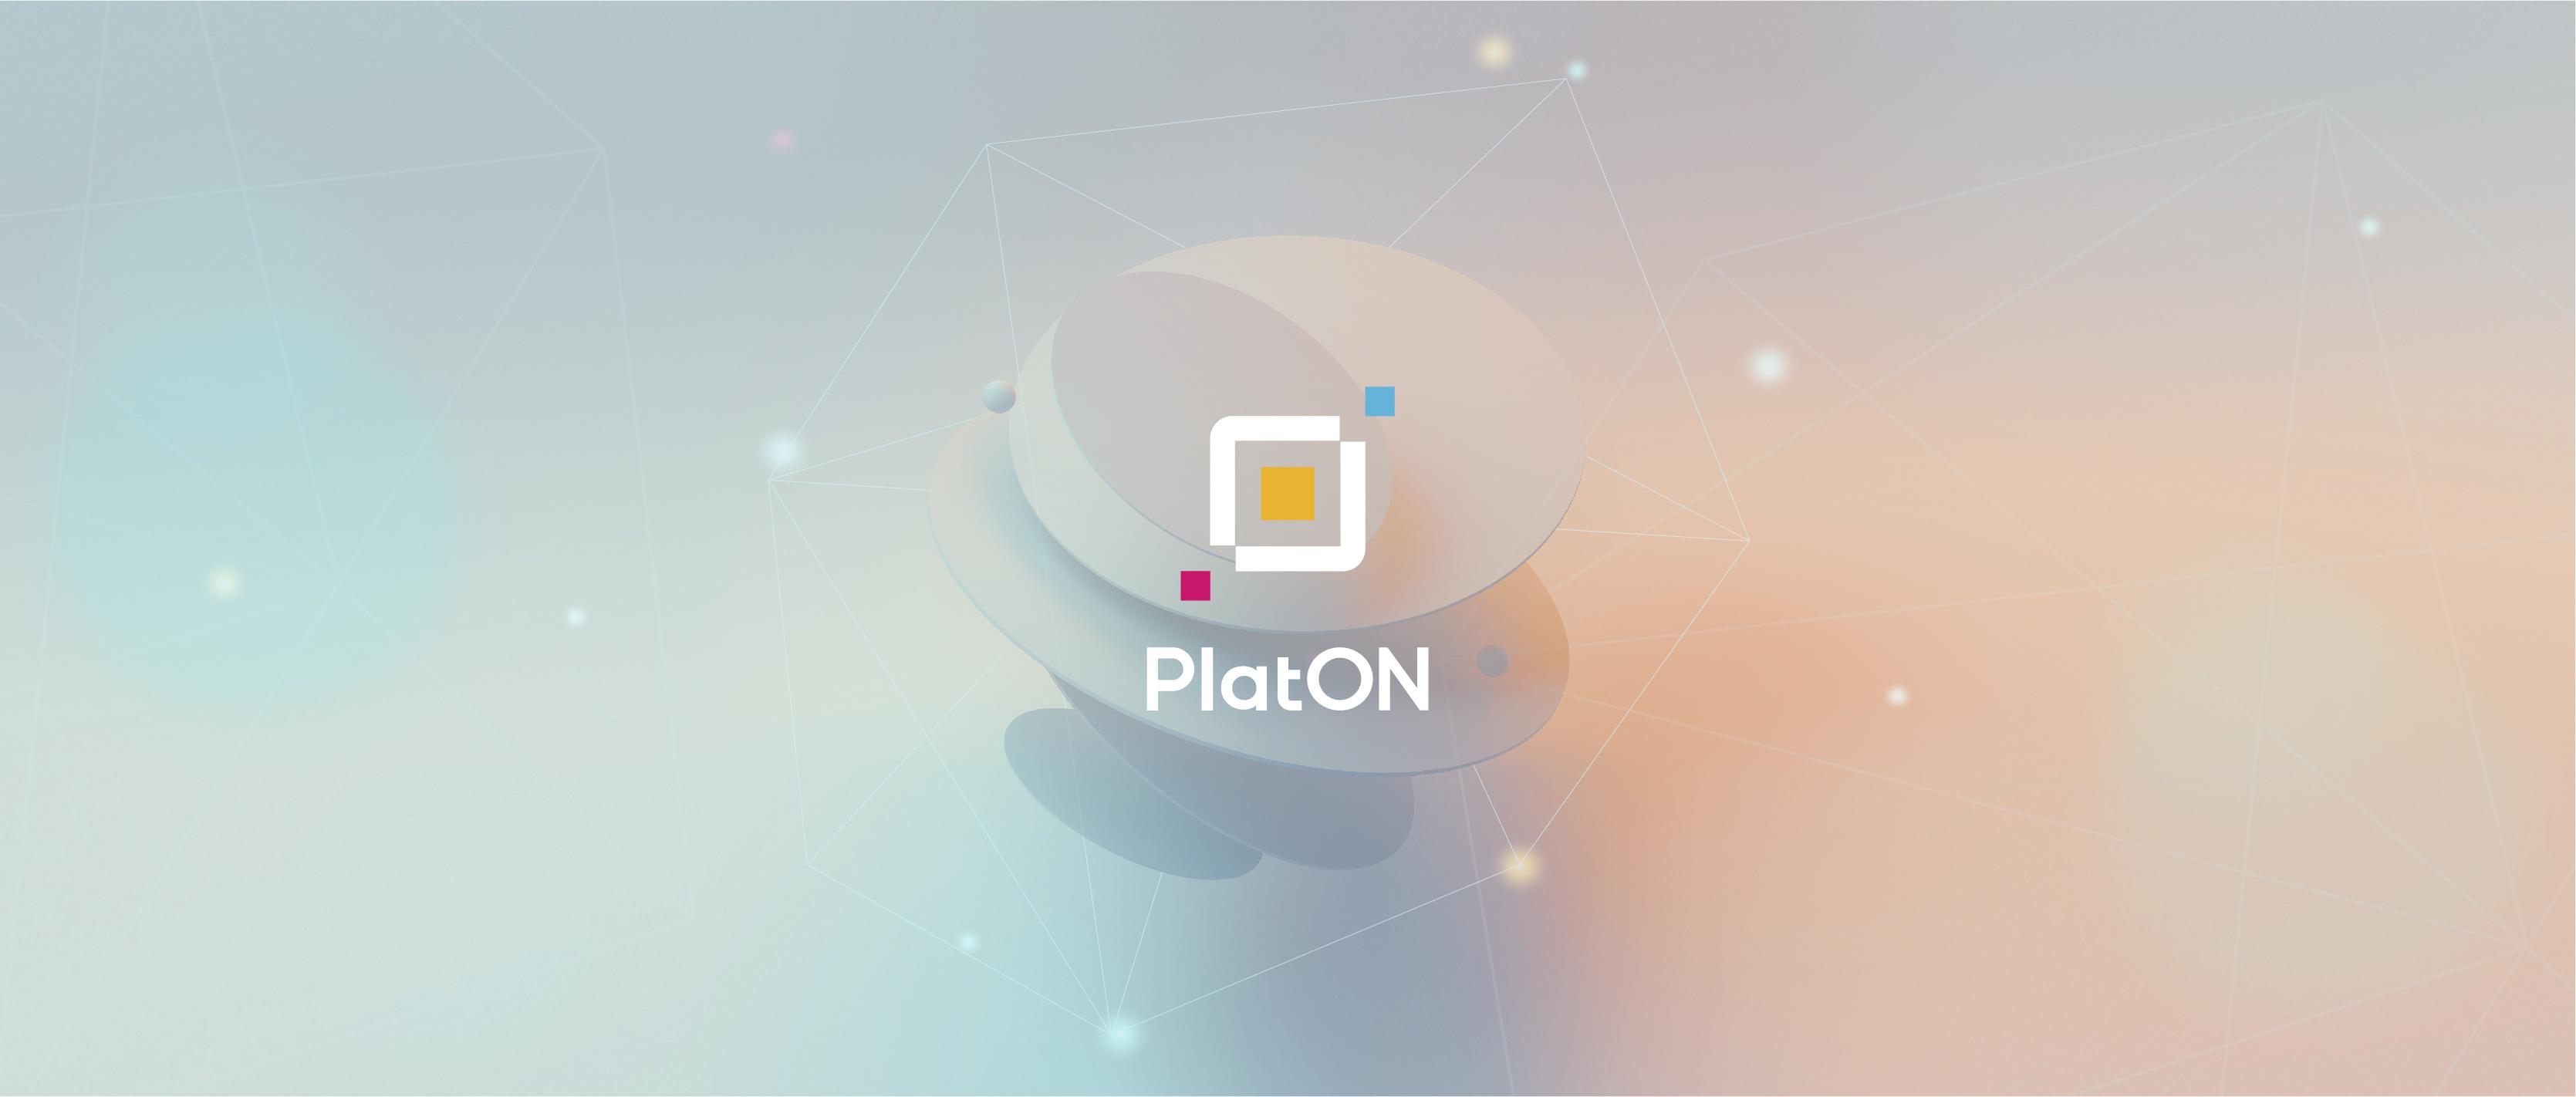 以PlatON为例 谈区块链+隐私保护的技术现状与未来发展